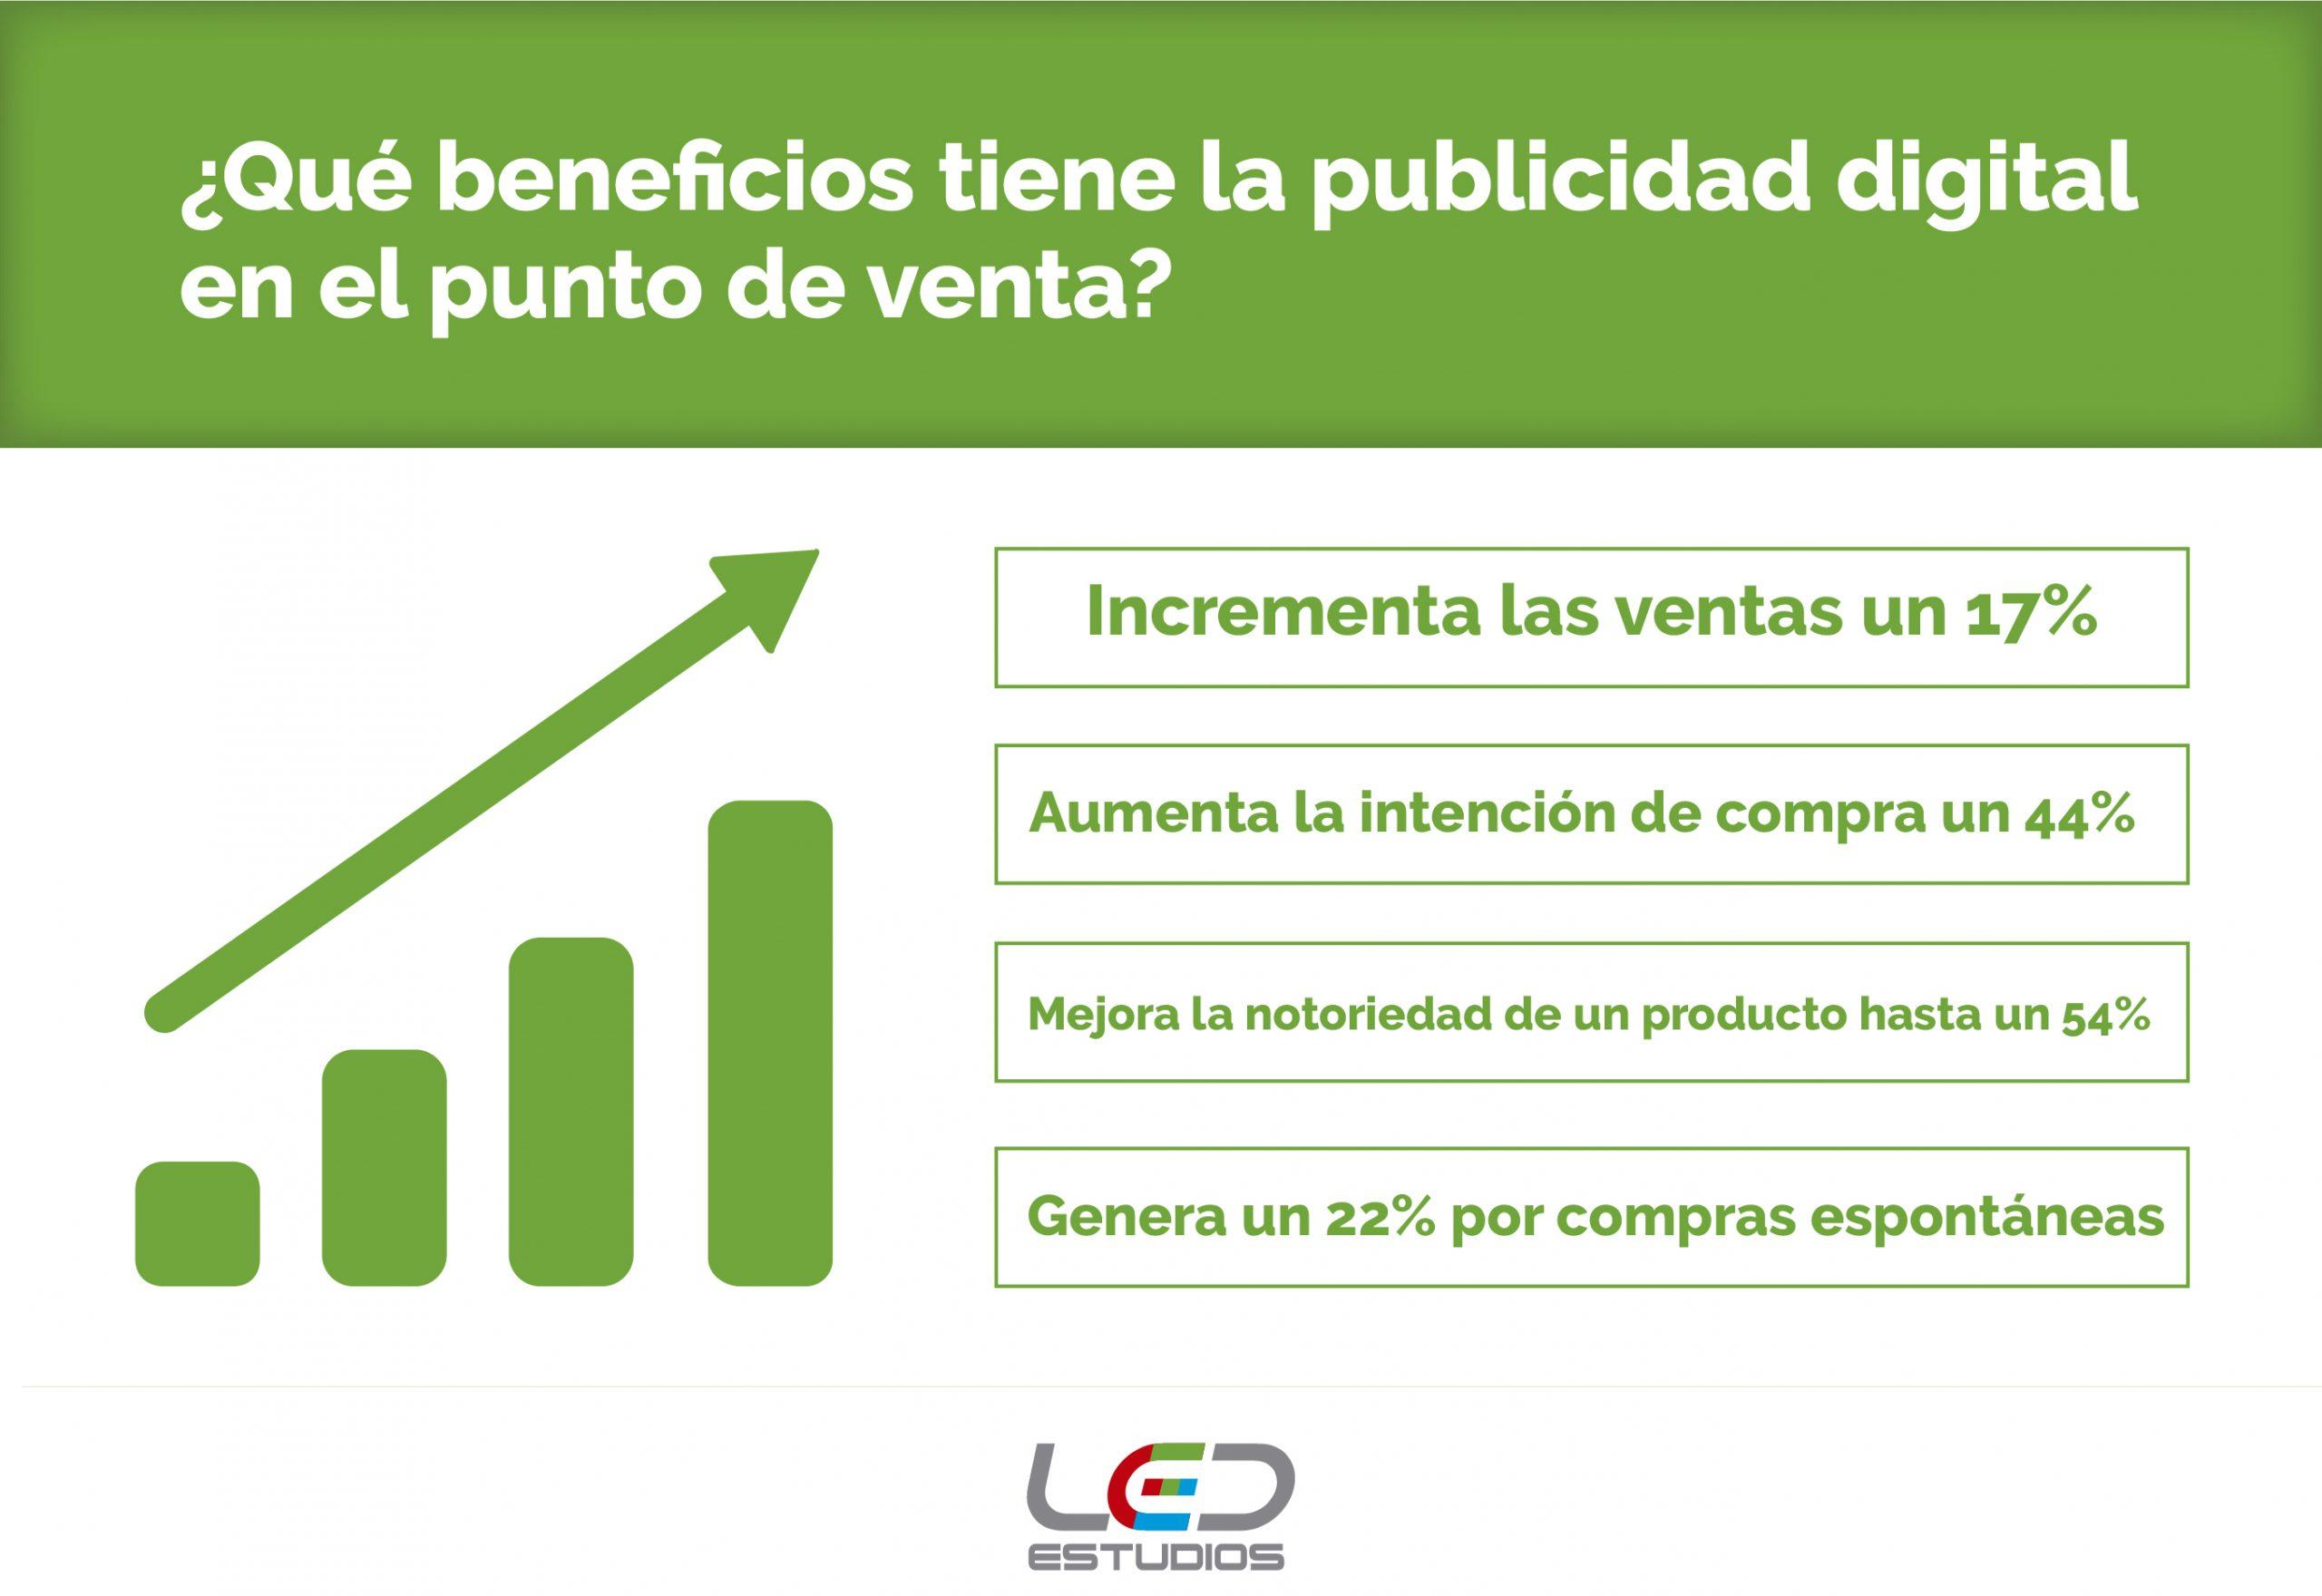 LED ESTUDIOS en Murcia - Venta e instalación de soportes publicitarios multimedia